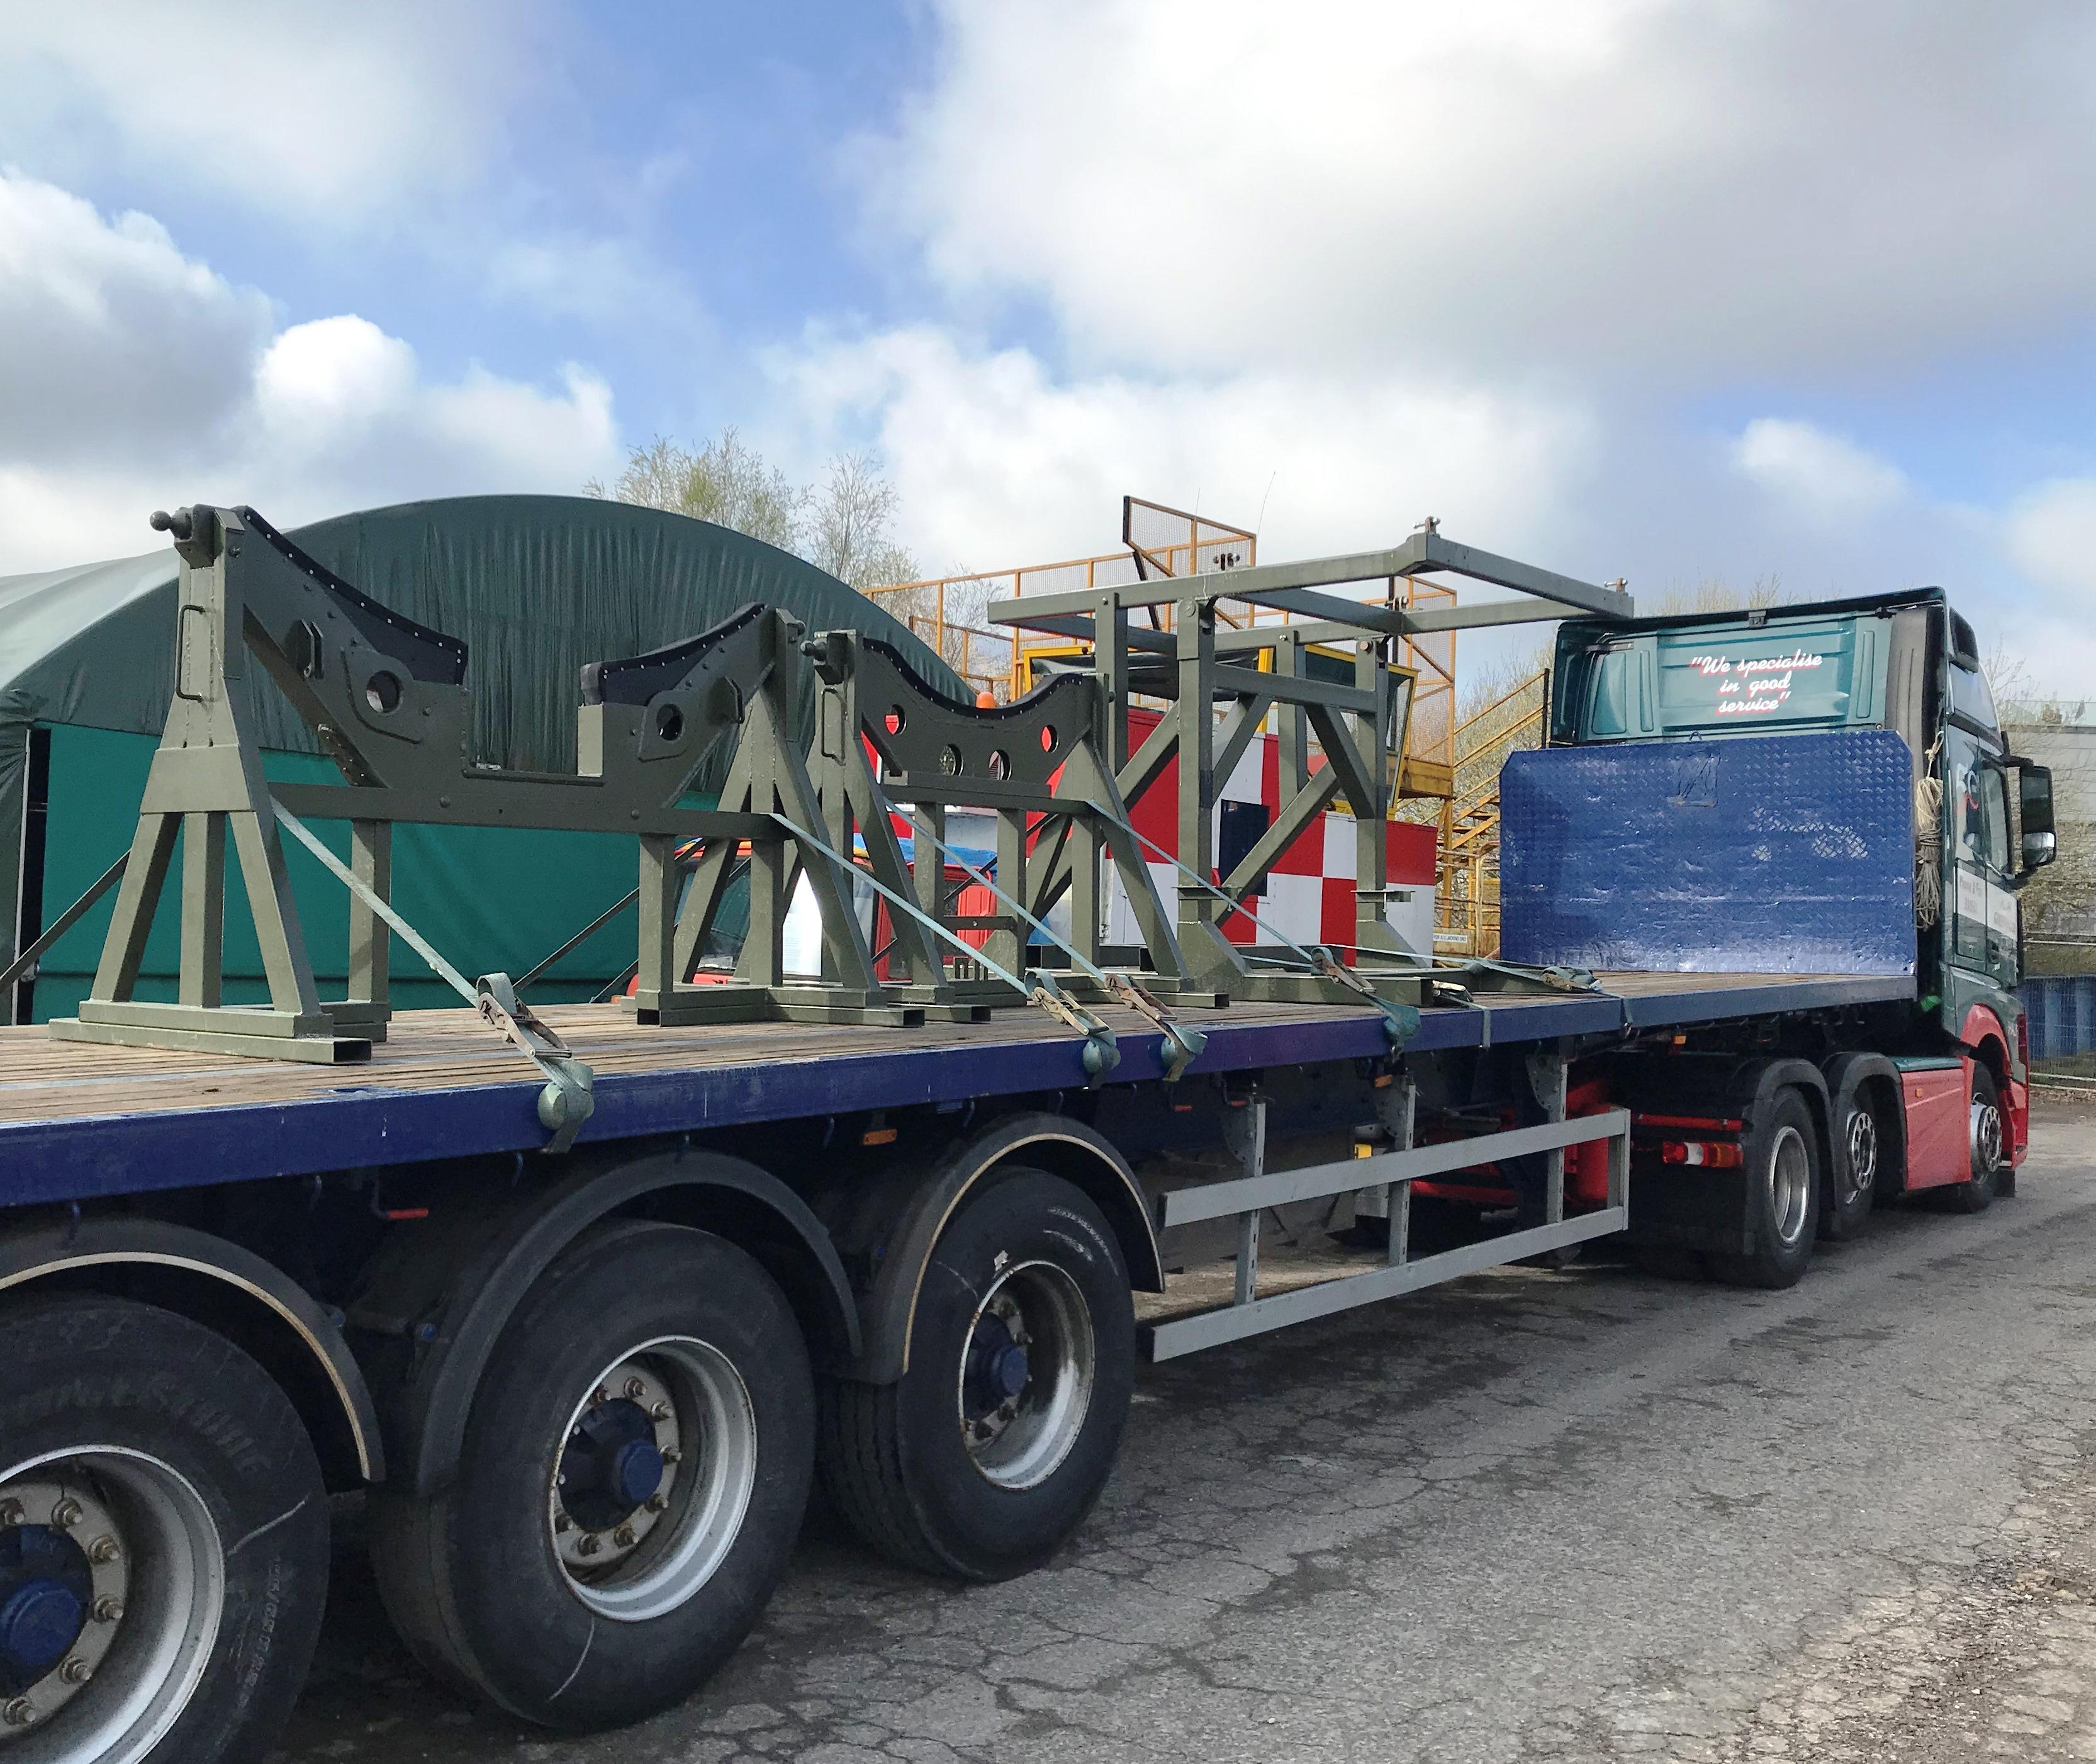 Bespoke Ground Support equipment